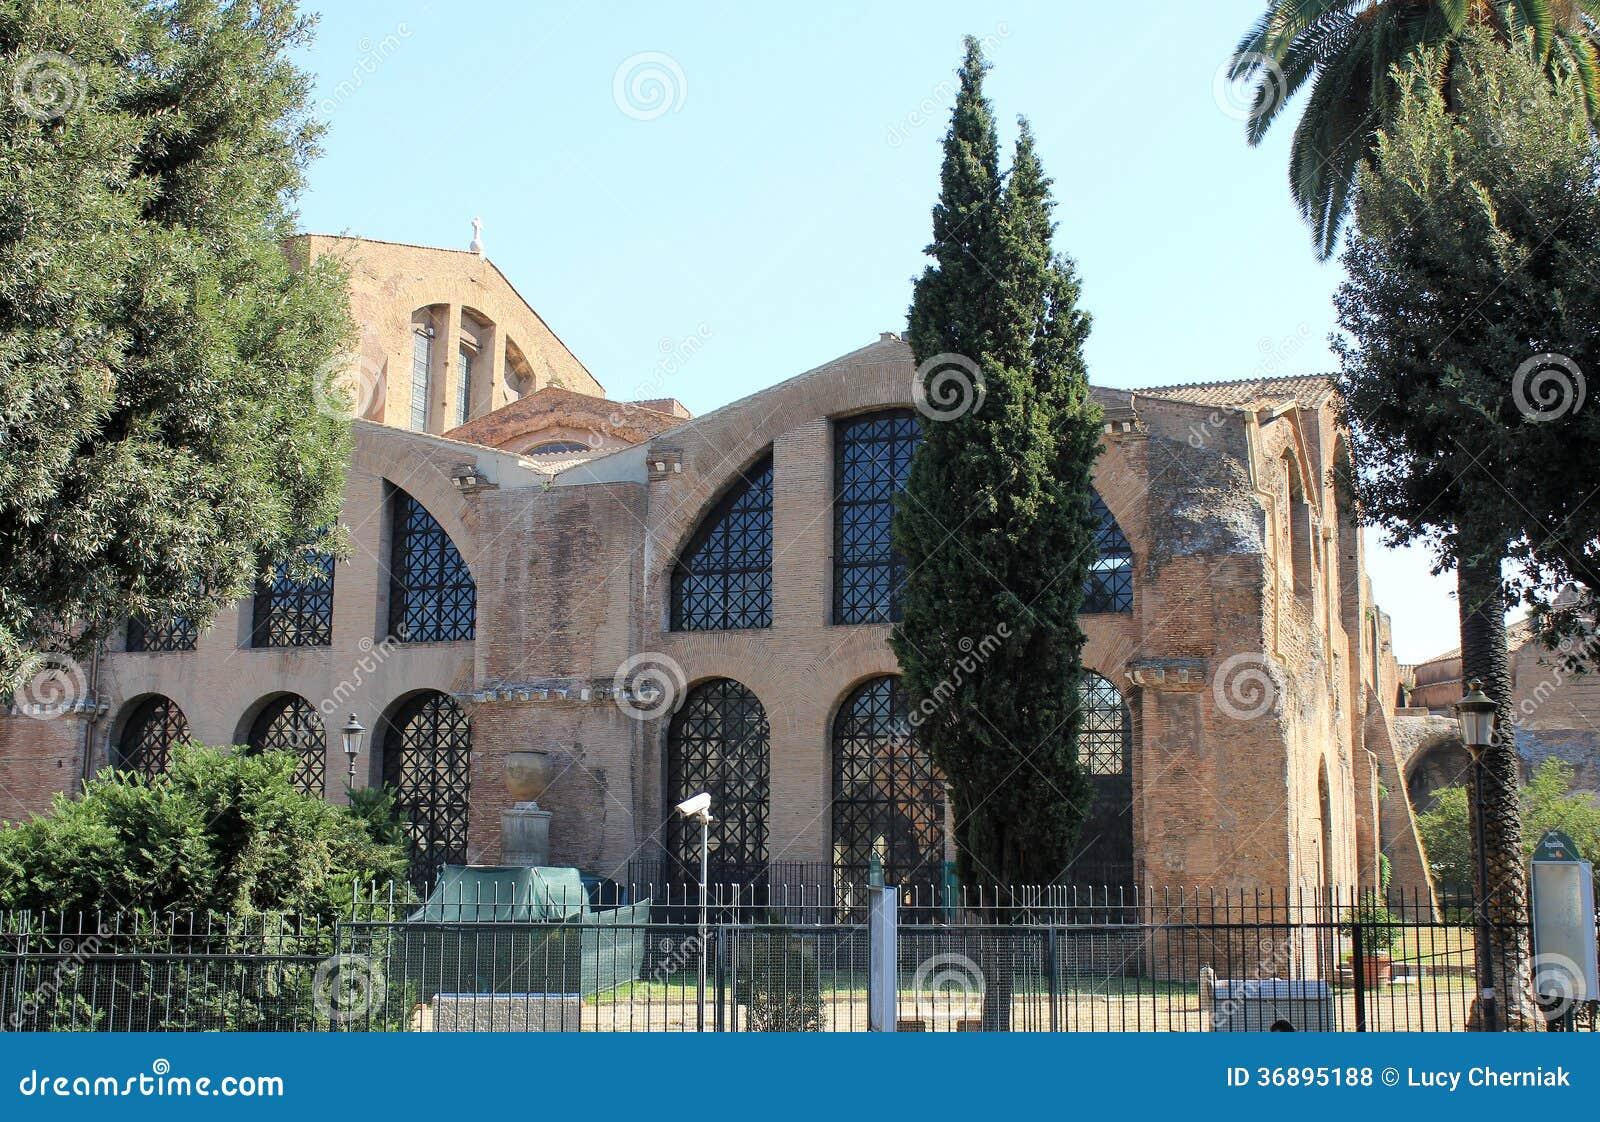 Download Bagni di Diocleziano fotografia stock. Immagine di città - 36895188